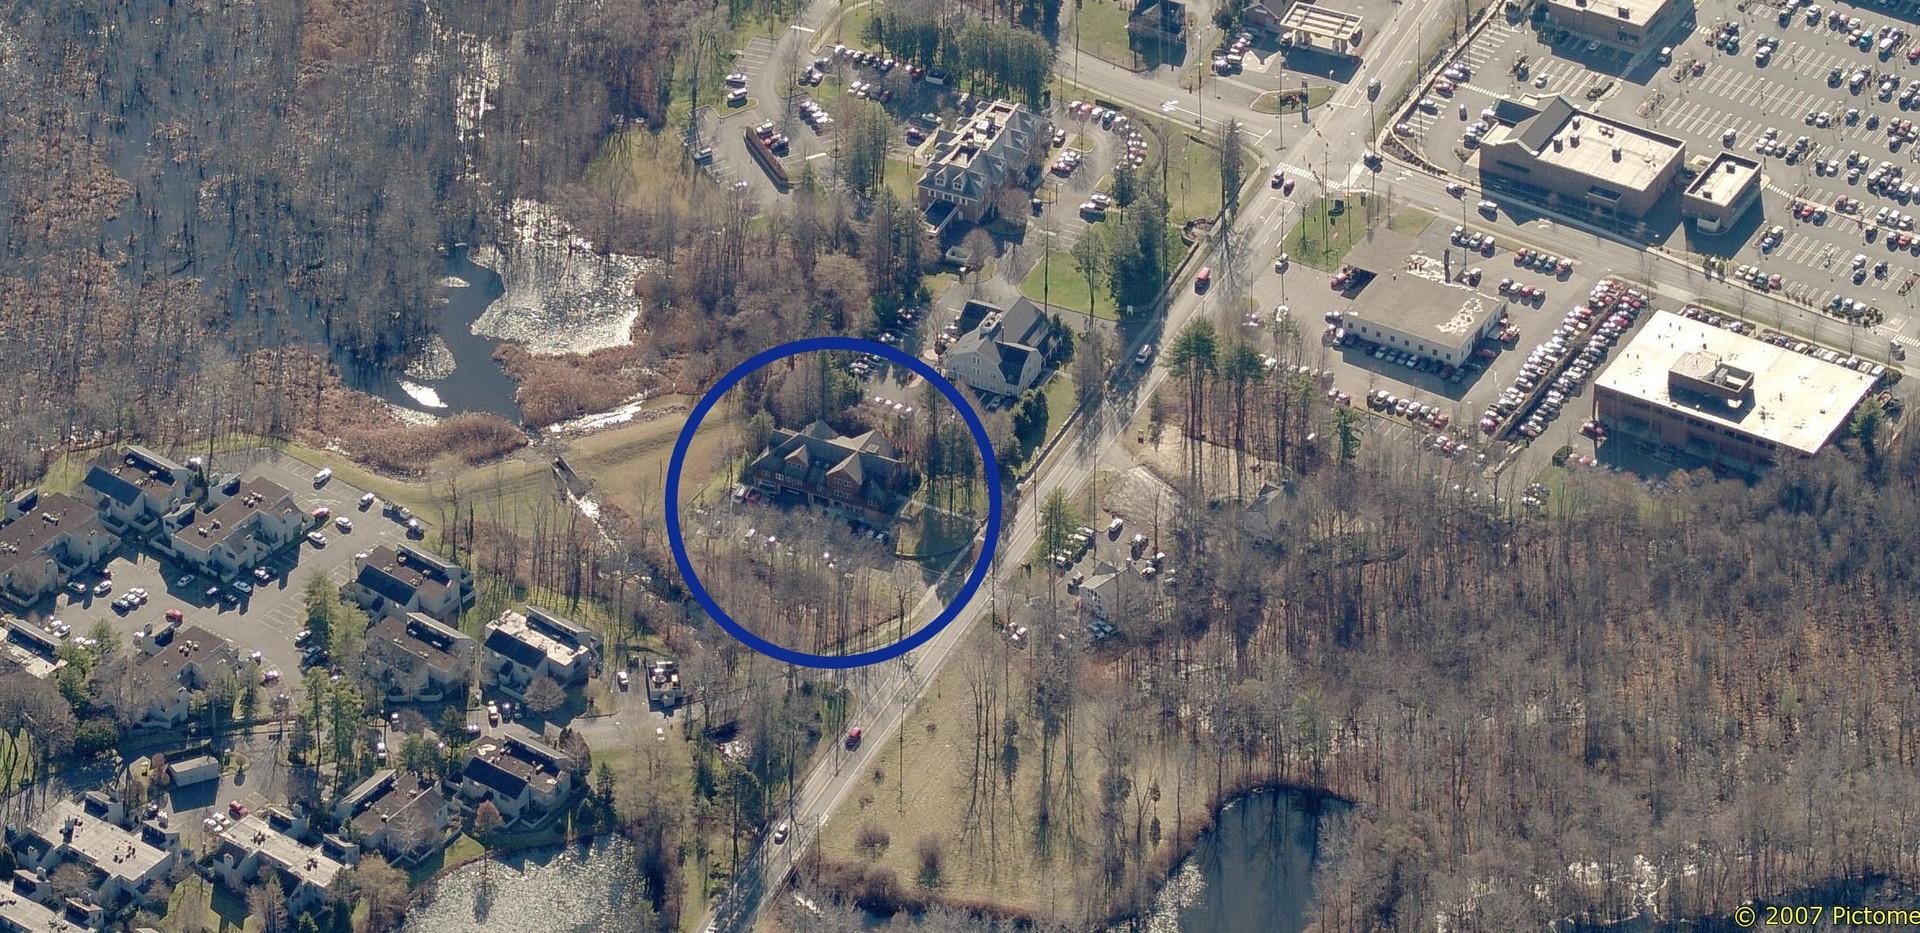 162 Danbury Road - Aerial